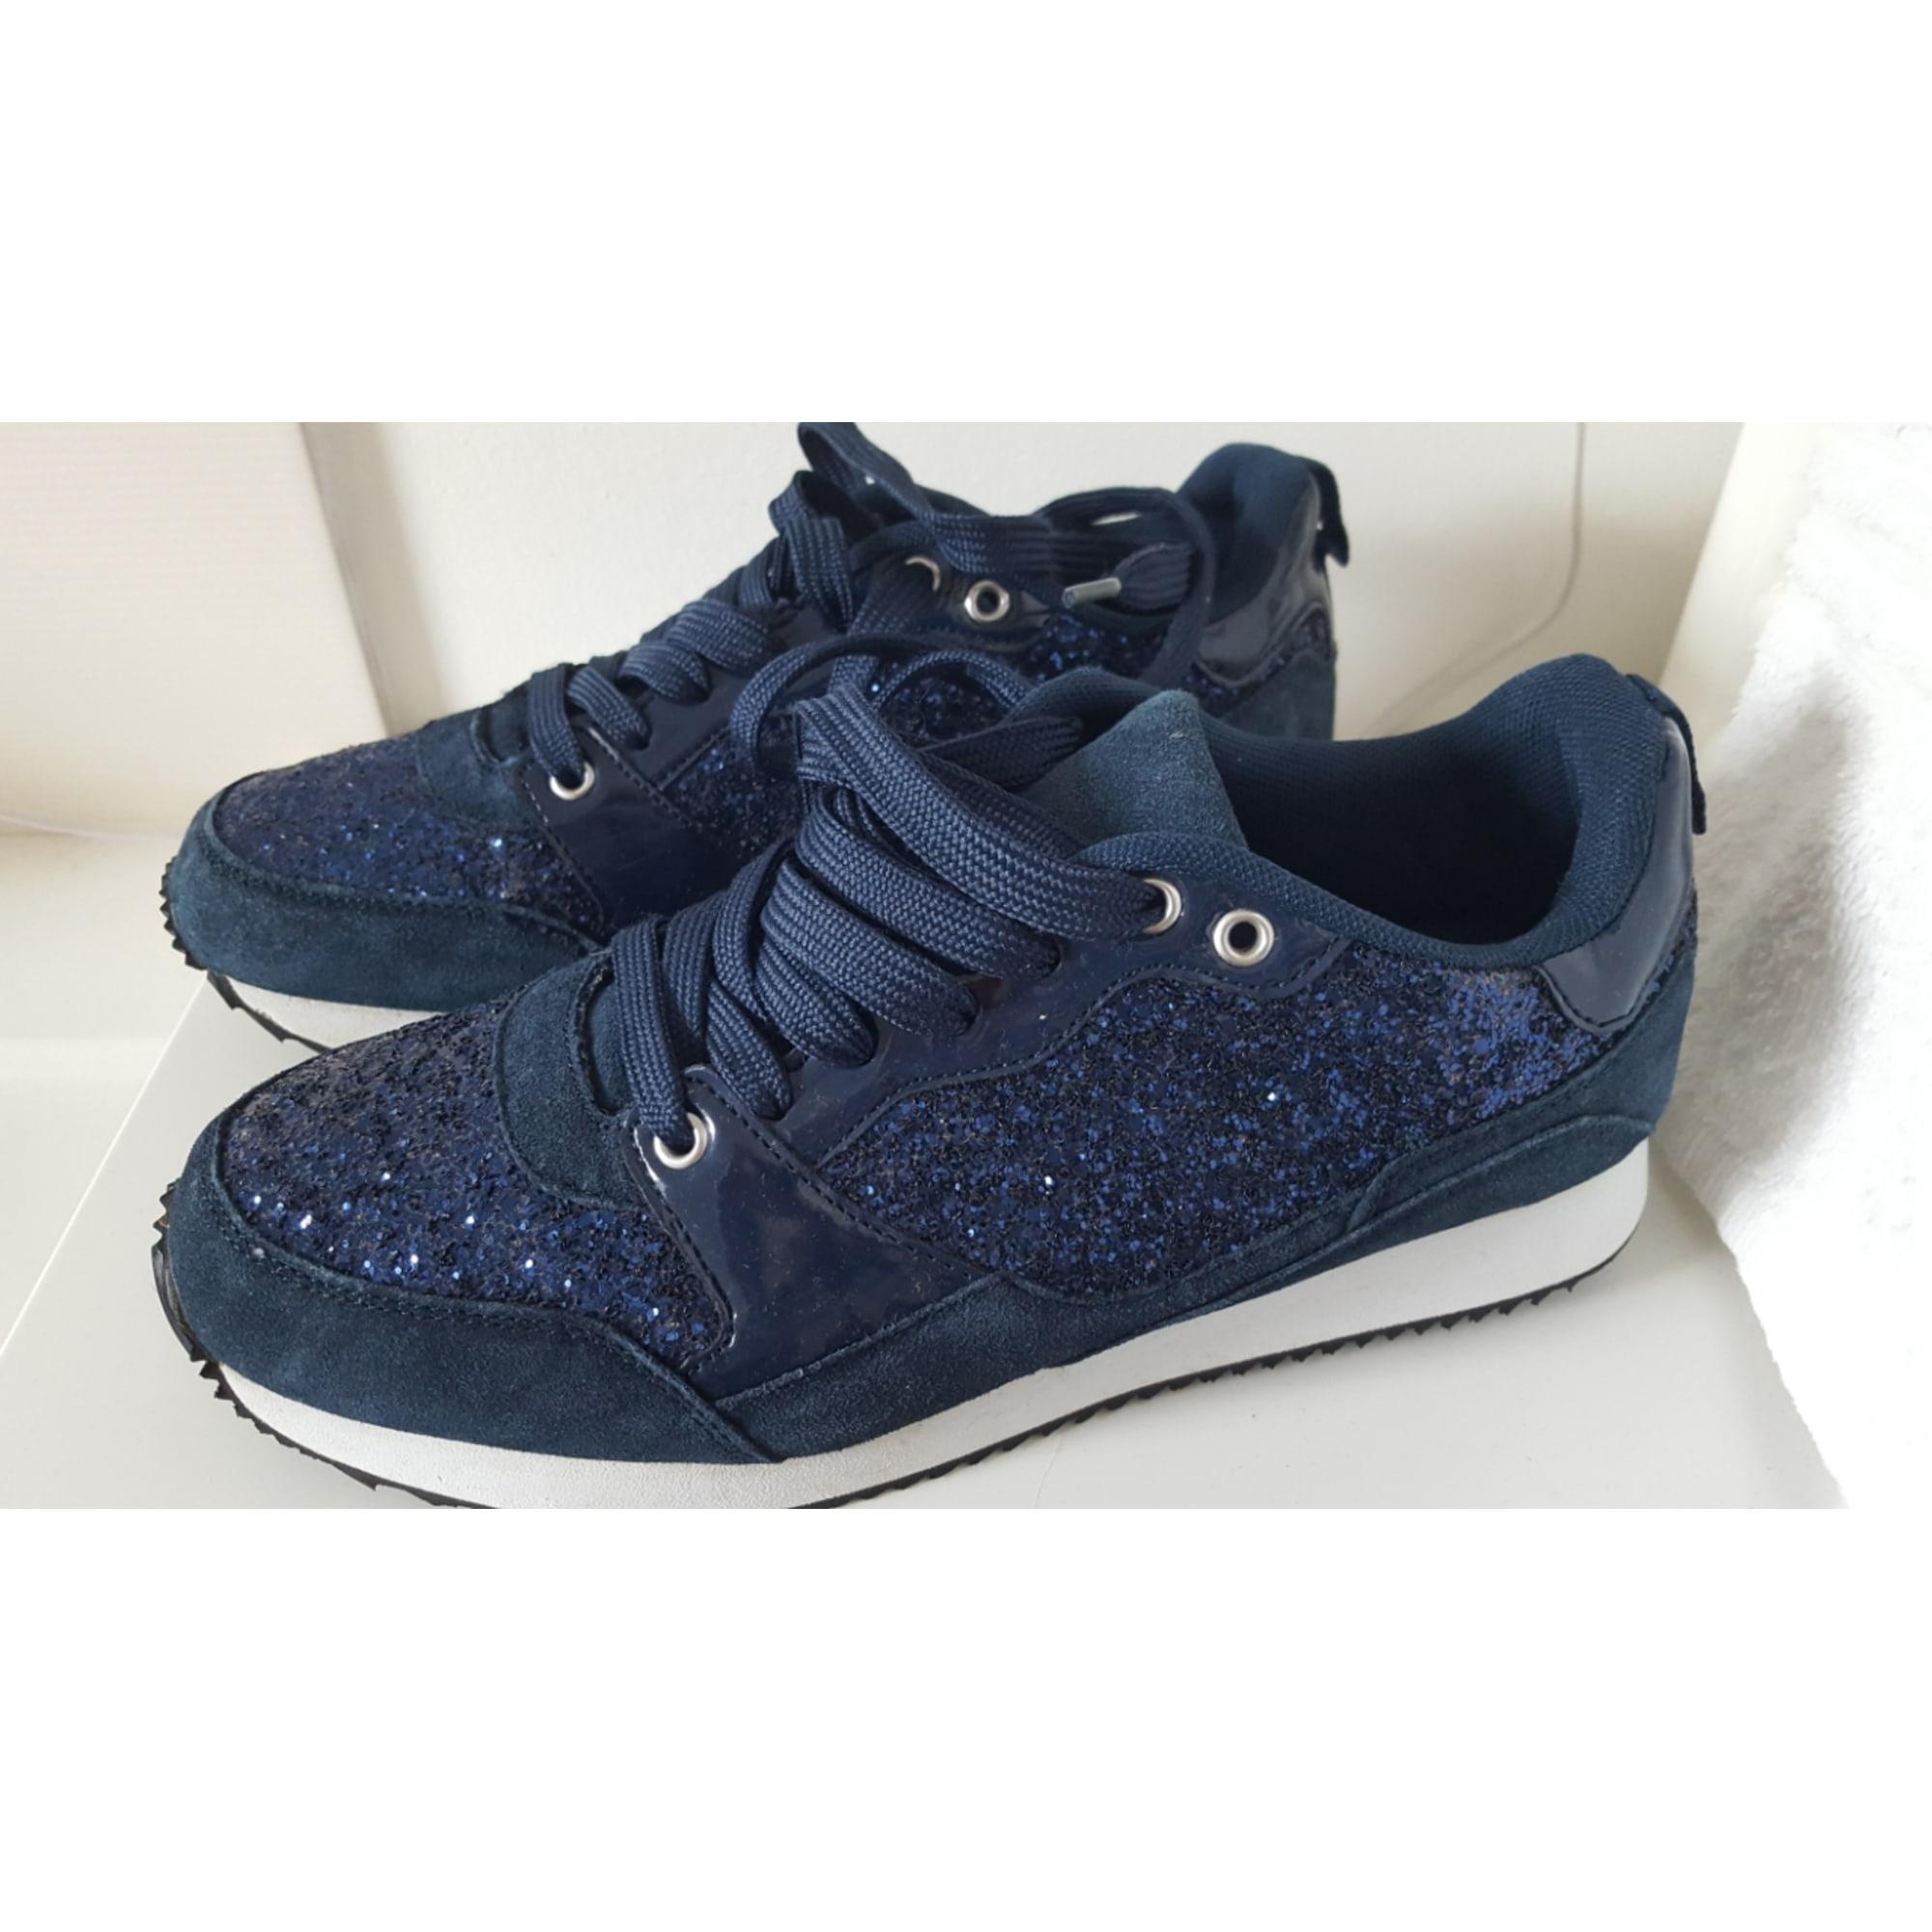 Chaussures de sport ERAM bleu marine avec paillettes